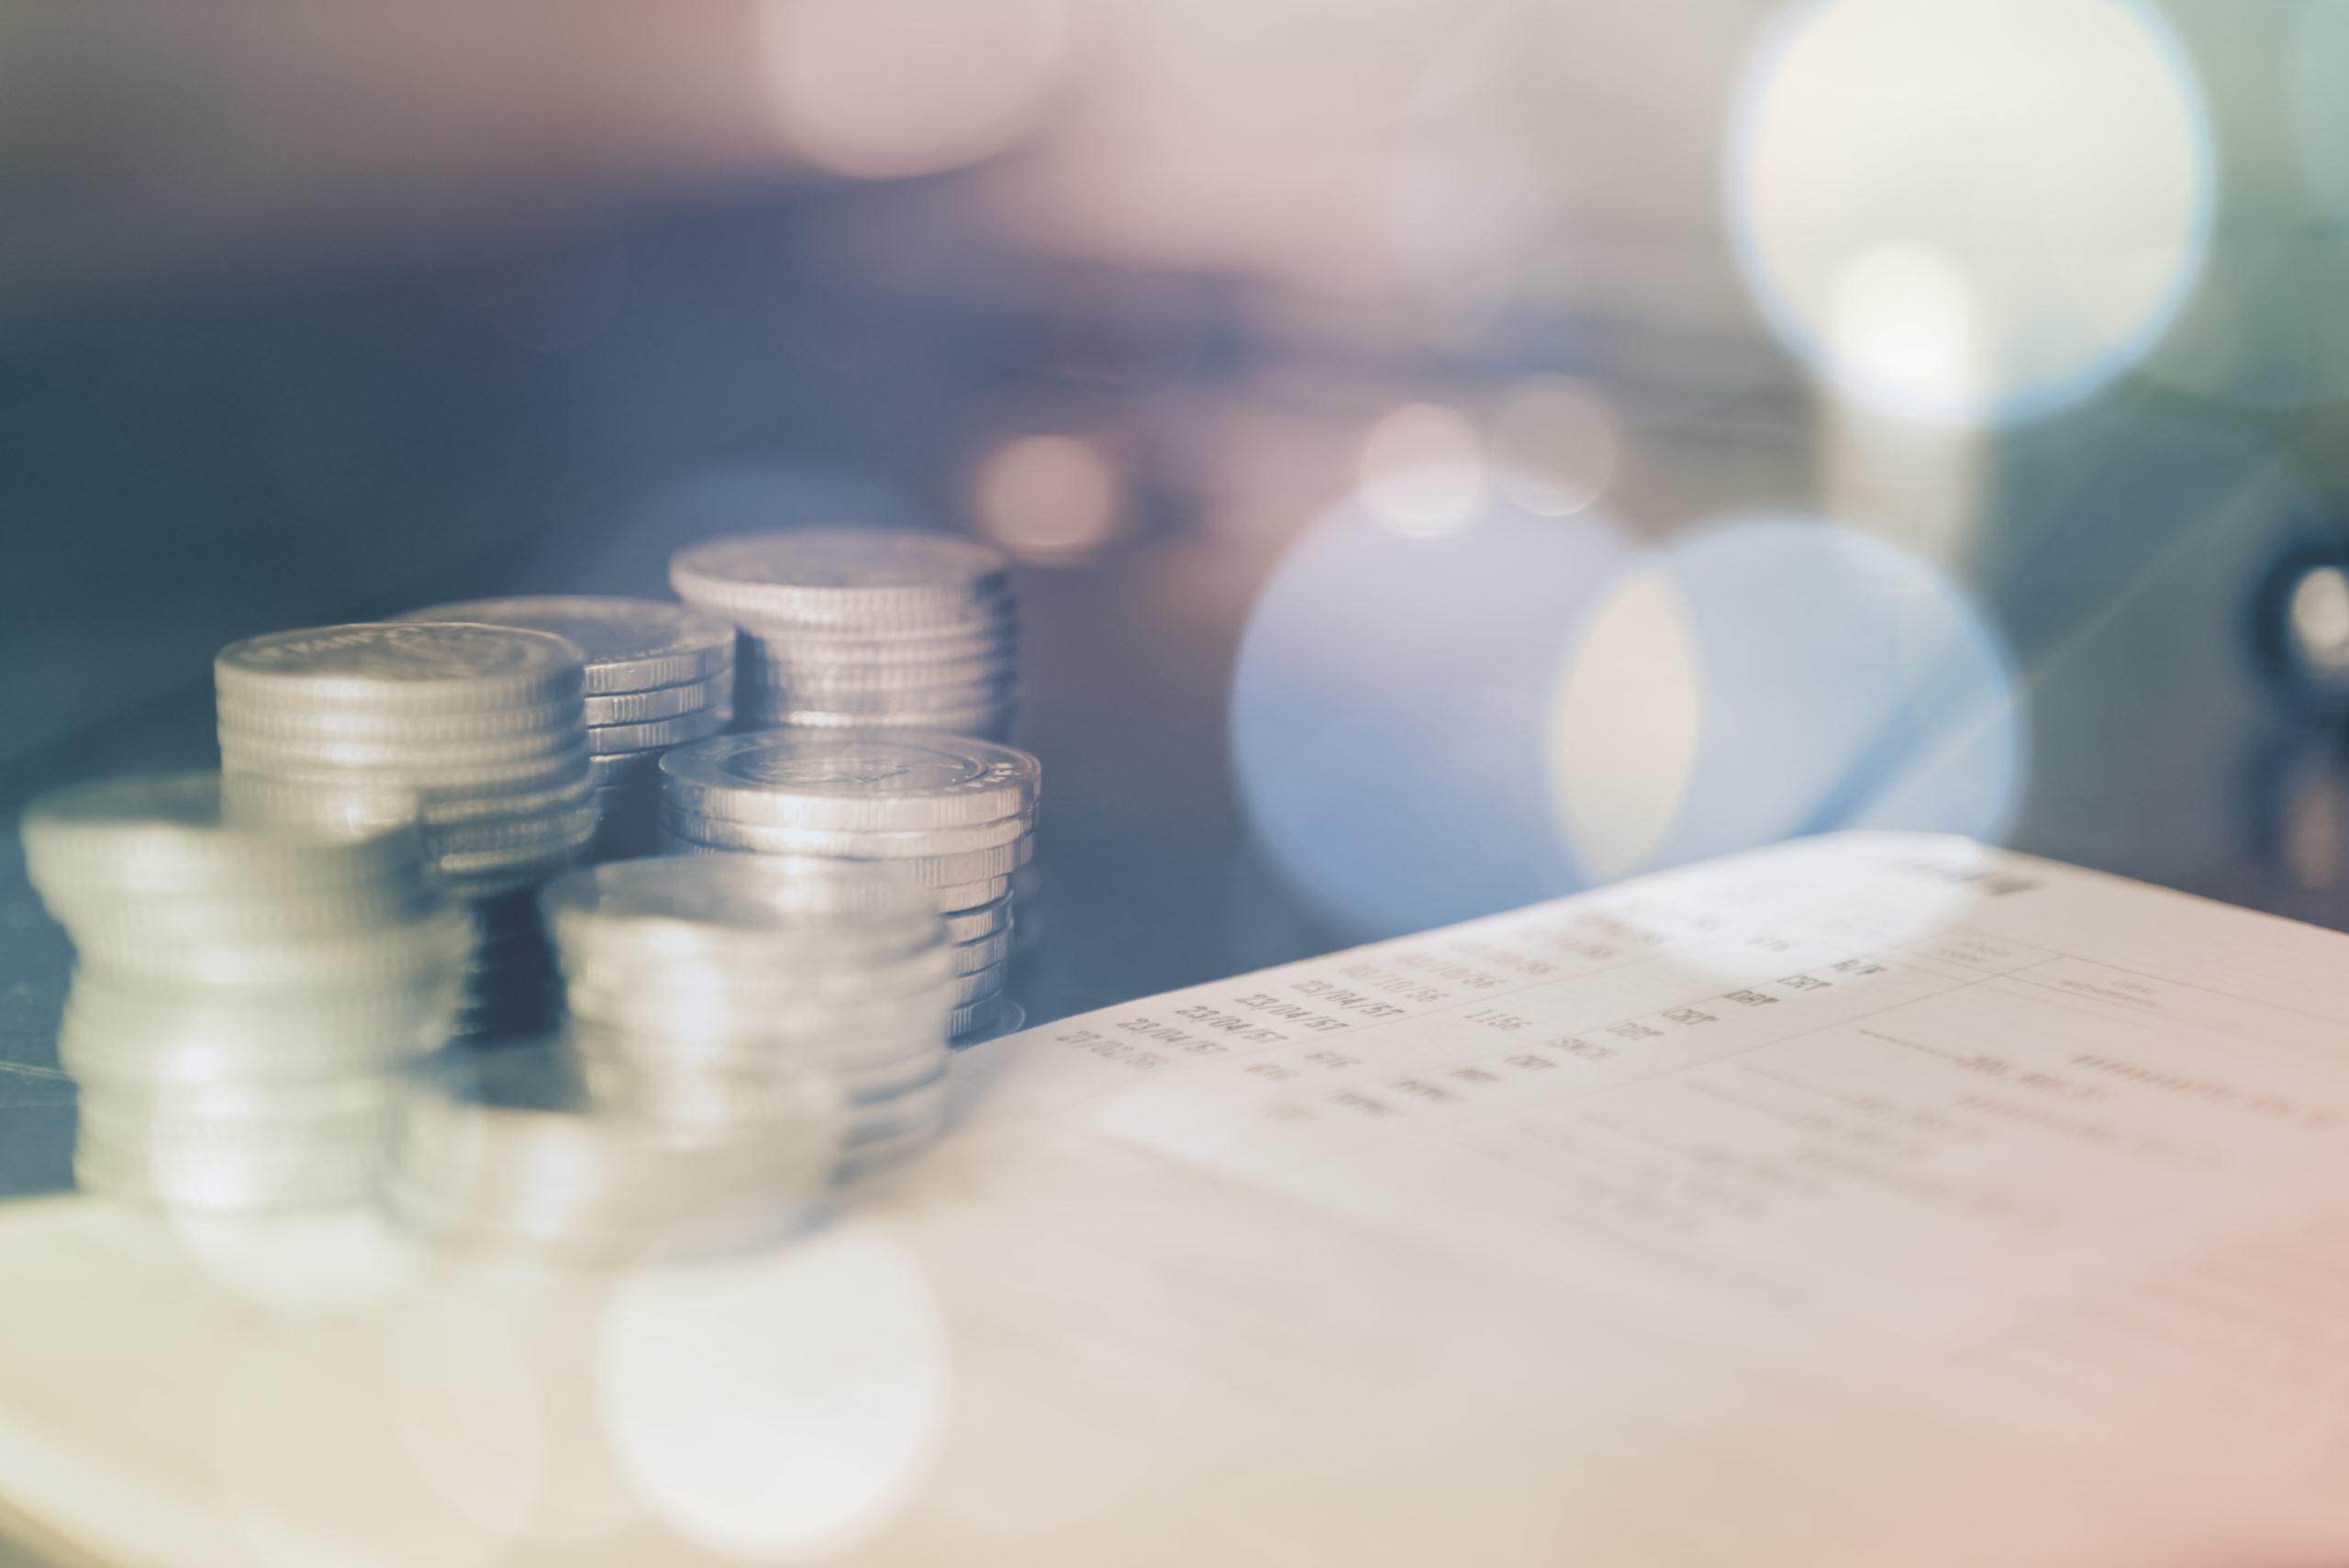 Image d'illustration de l'article déduction réduction crédit d'impot